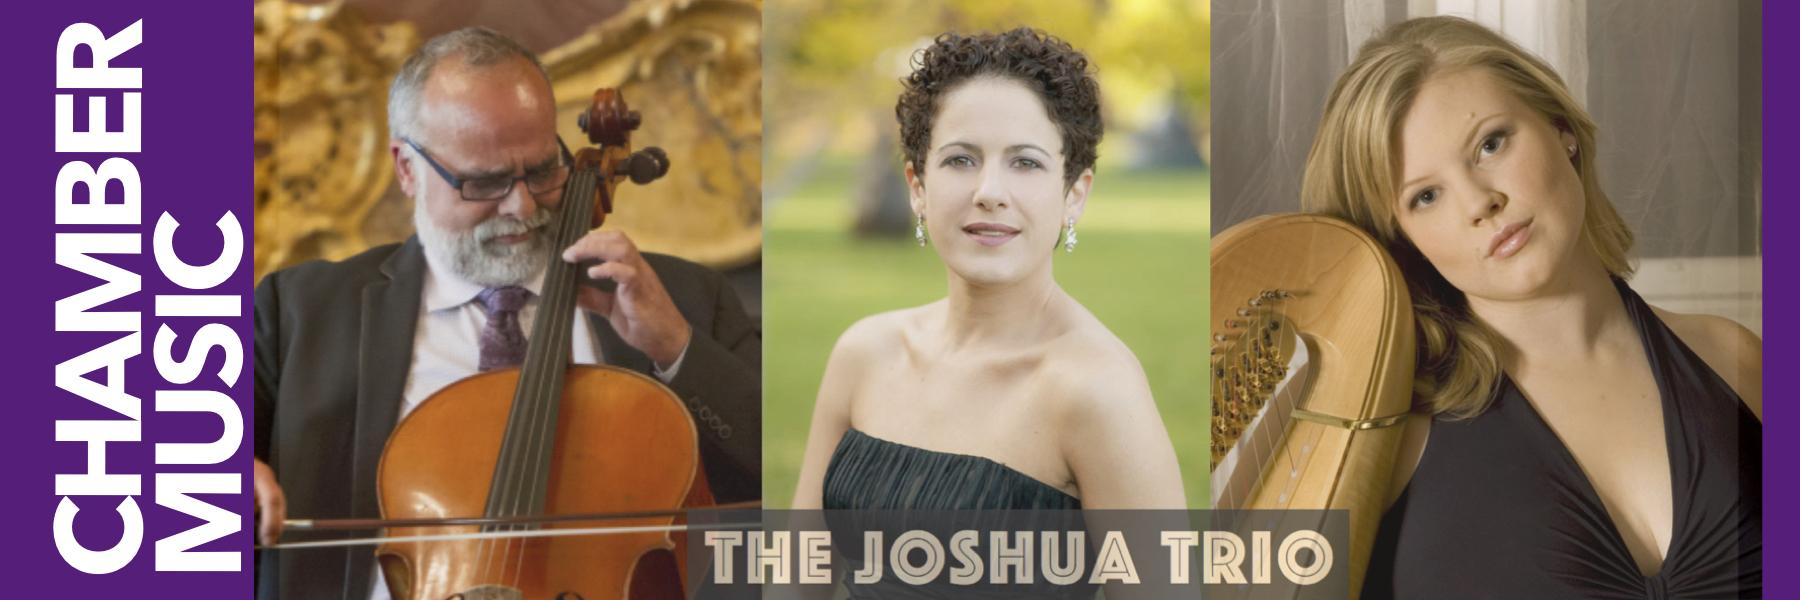 Joshua Trio.jpg